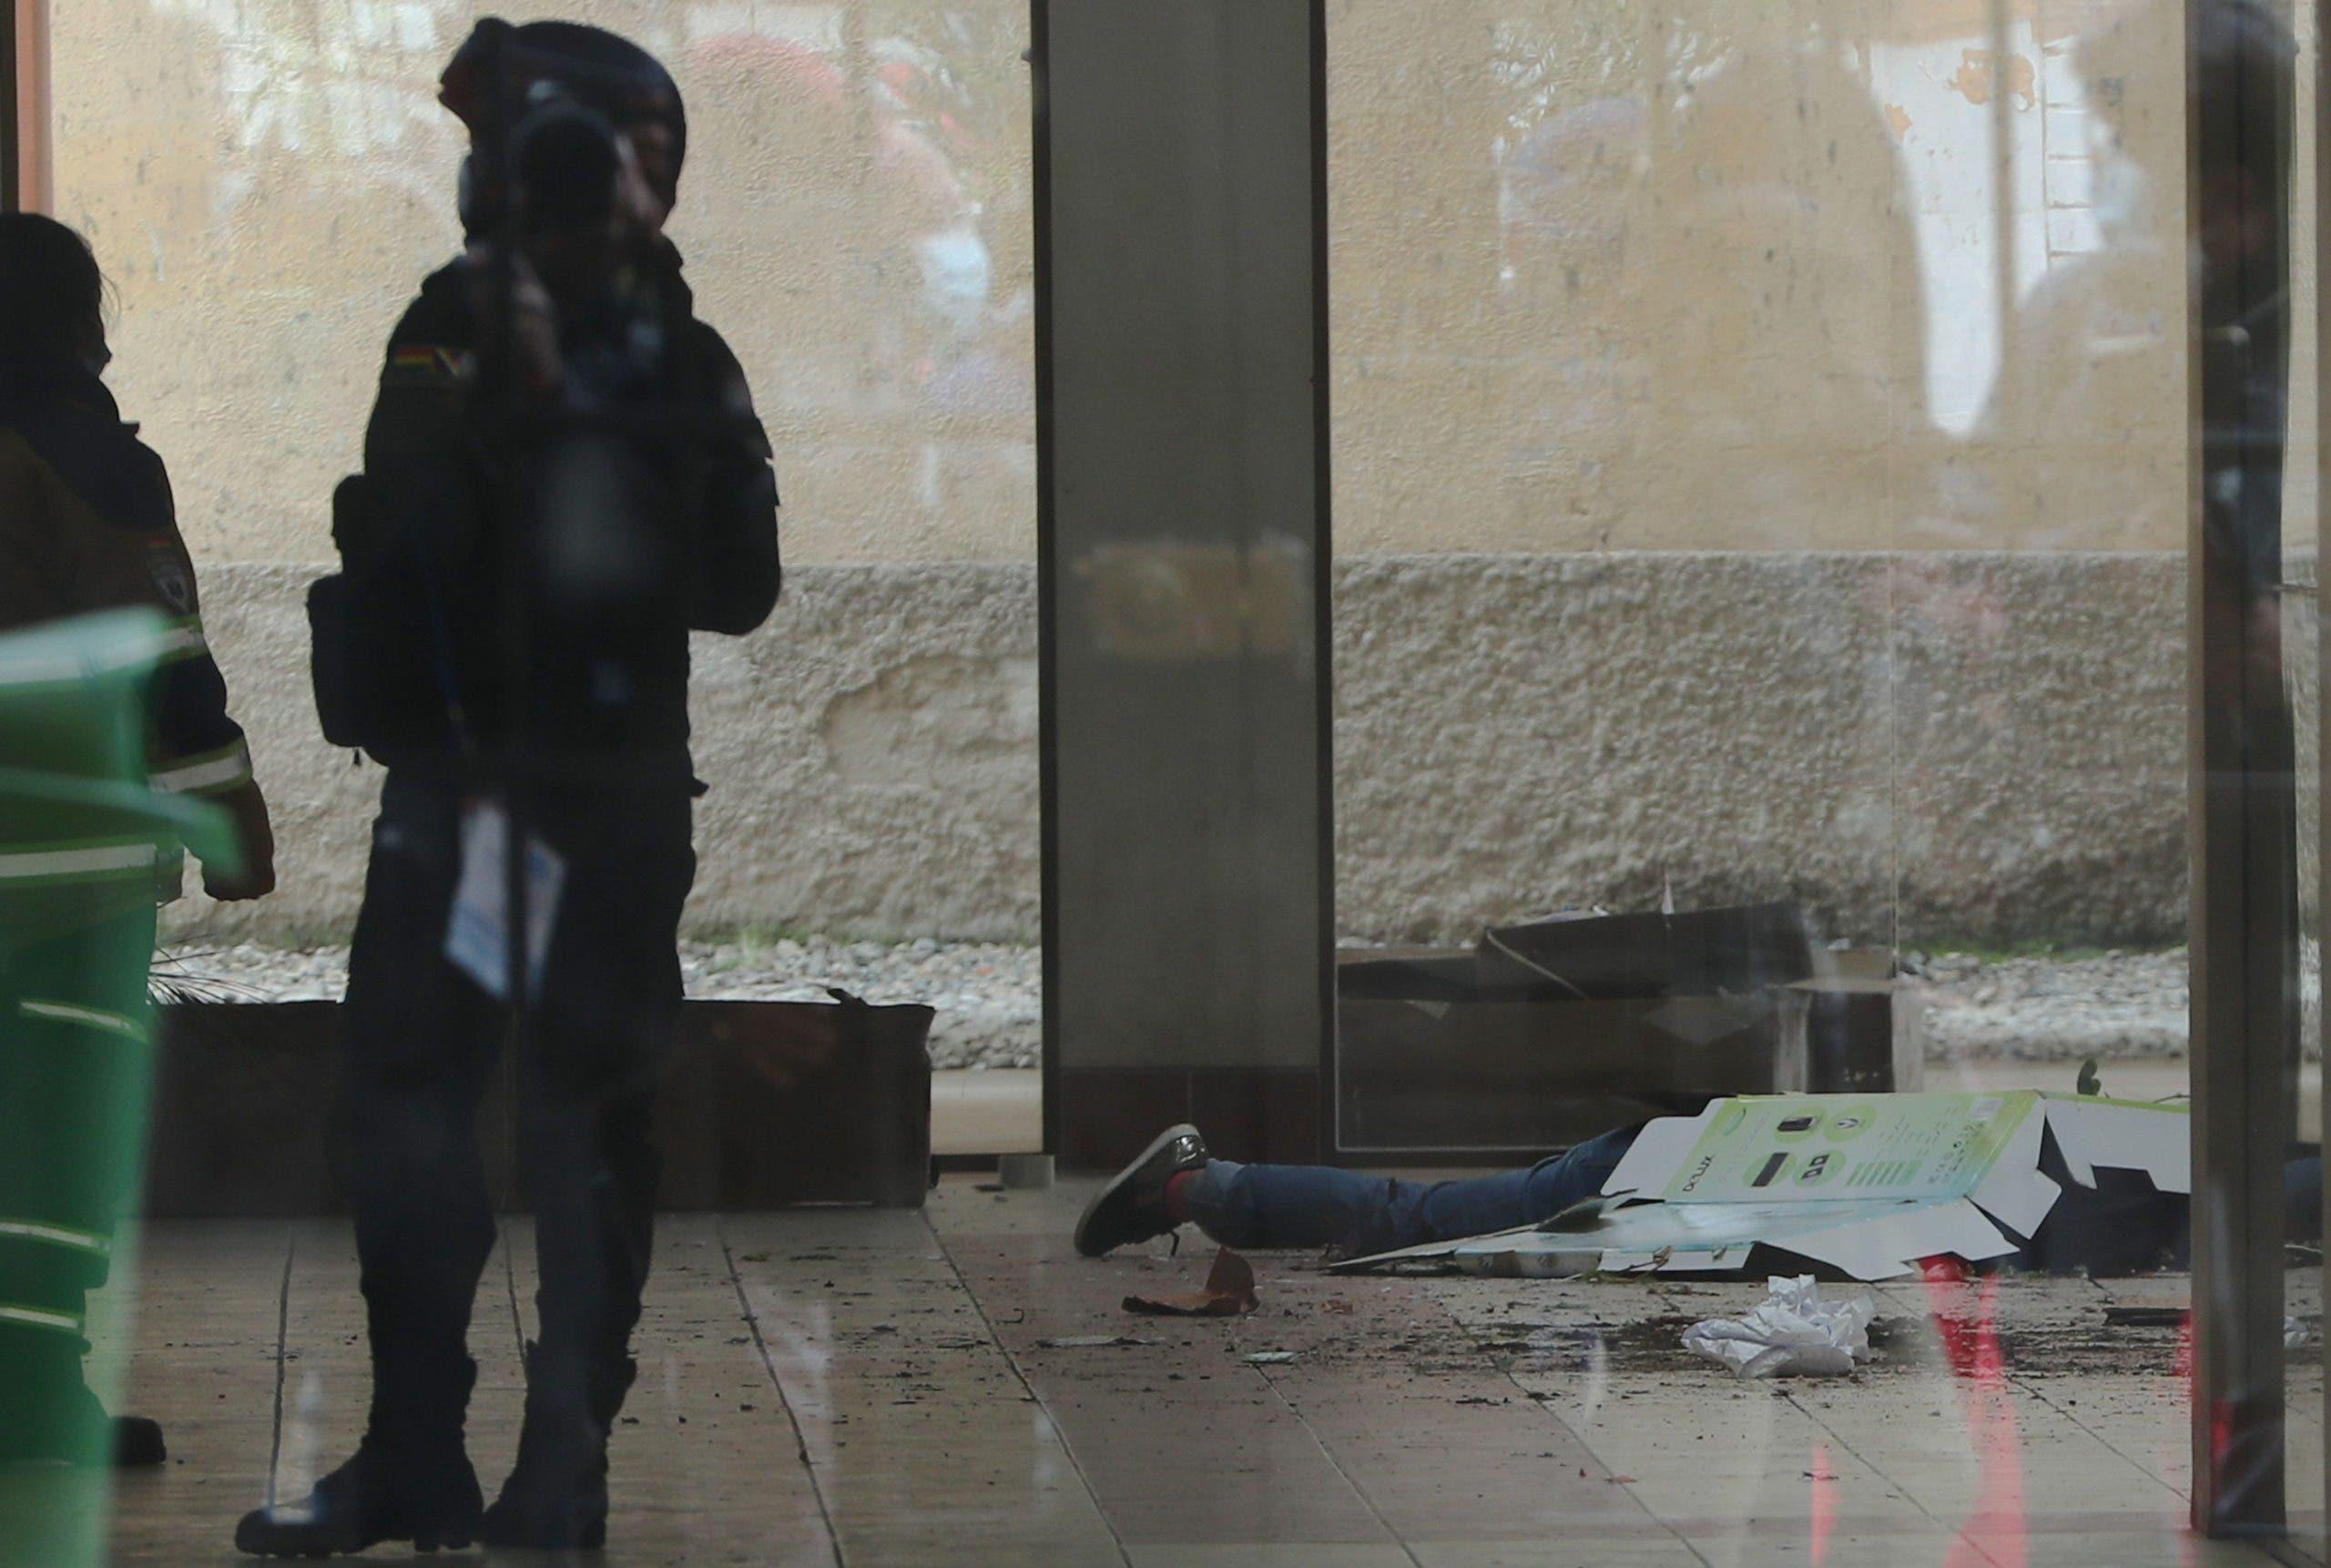 Mueren 7 universitarios al caer de un cuarto piso en Bolivia